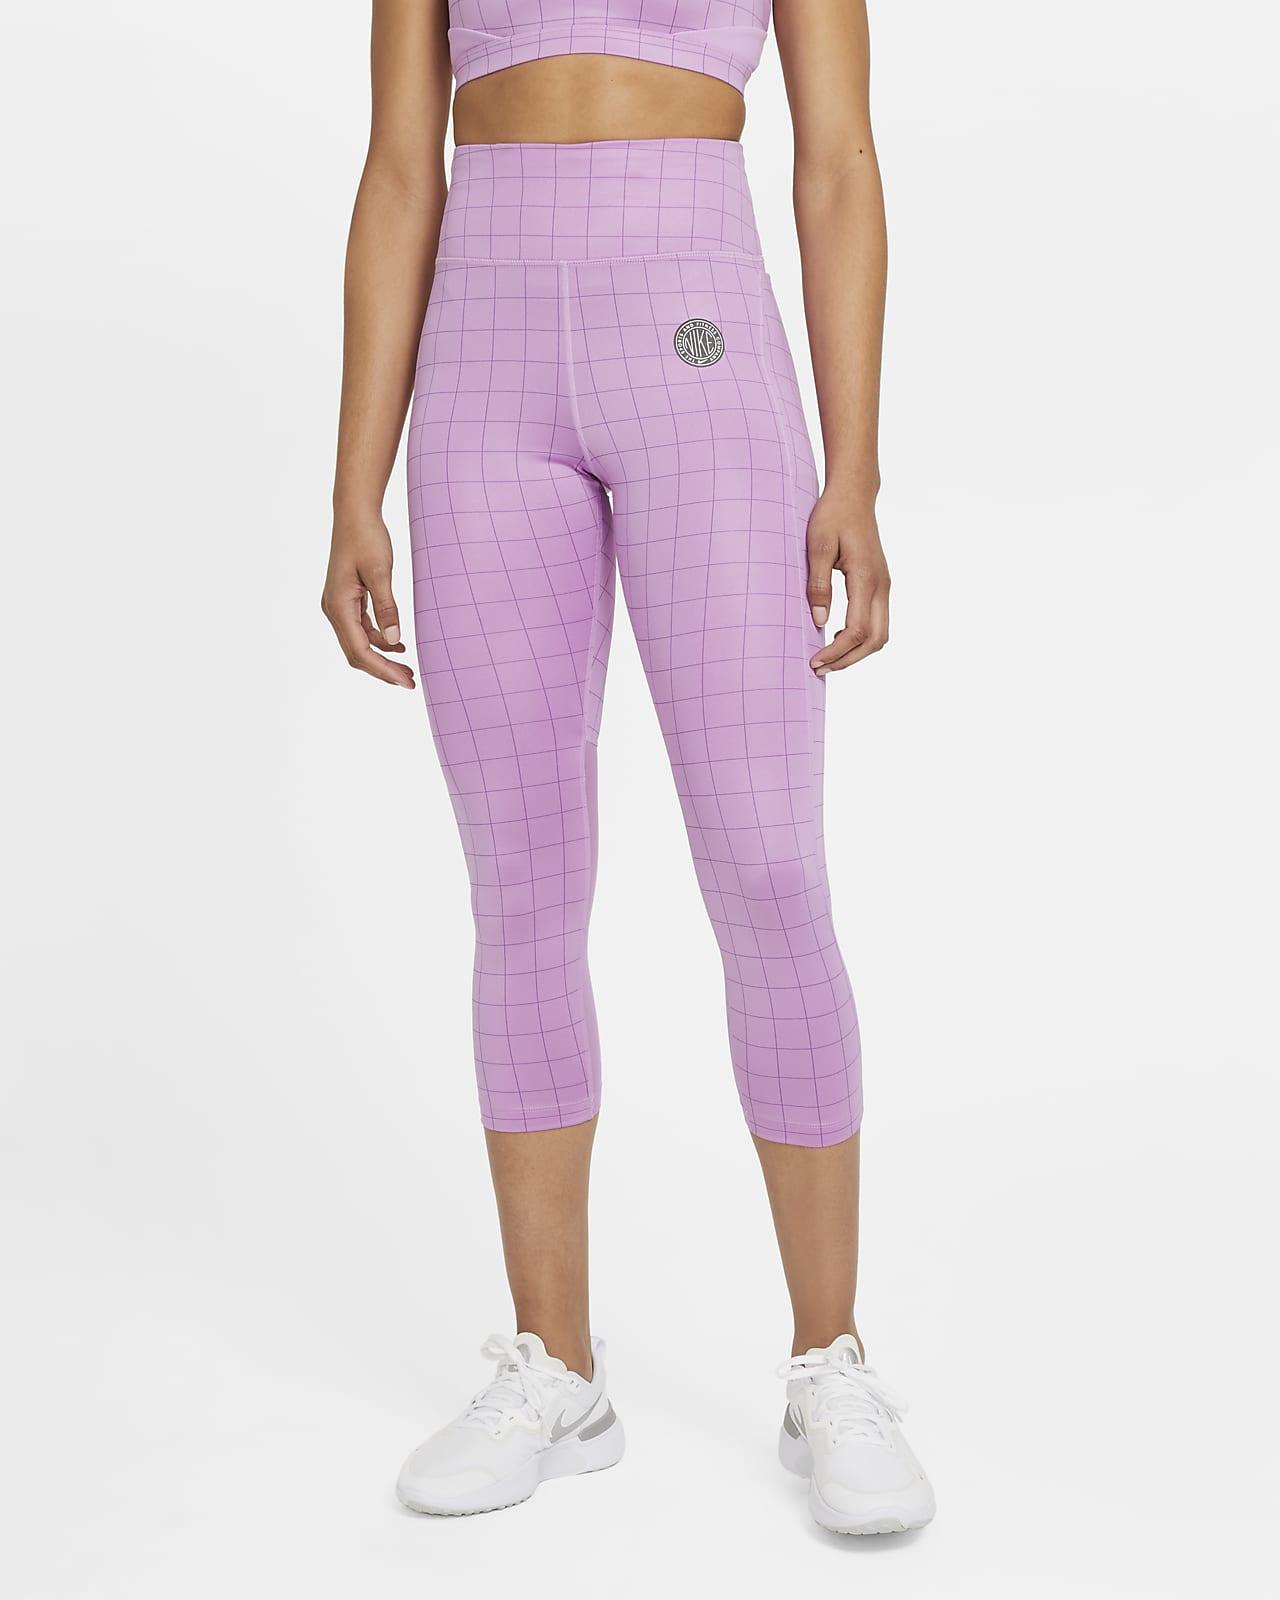 Nike Epic Fast Femme verkürzte Lauf-Leggings für Damen